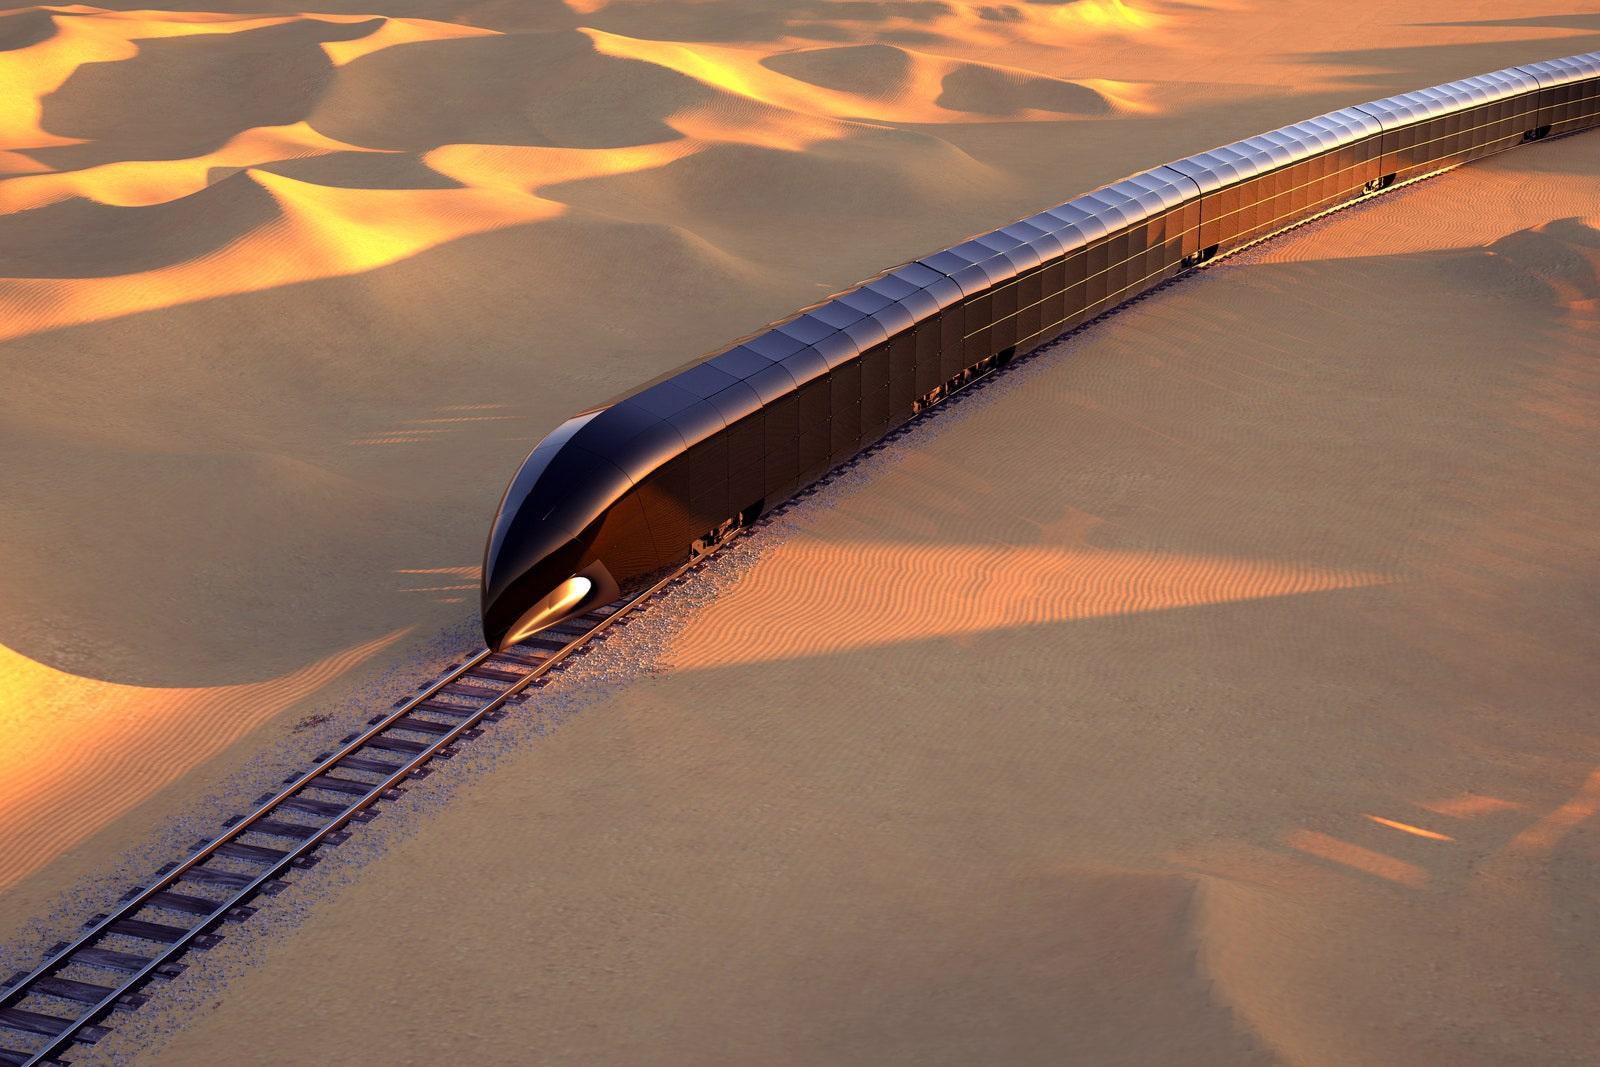 Cung điện trên đường ray giá 350 triệu USD dành riêng cho giới siêu giàu